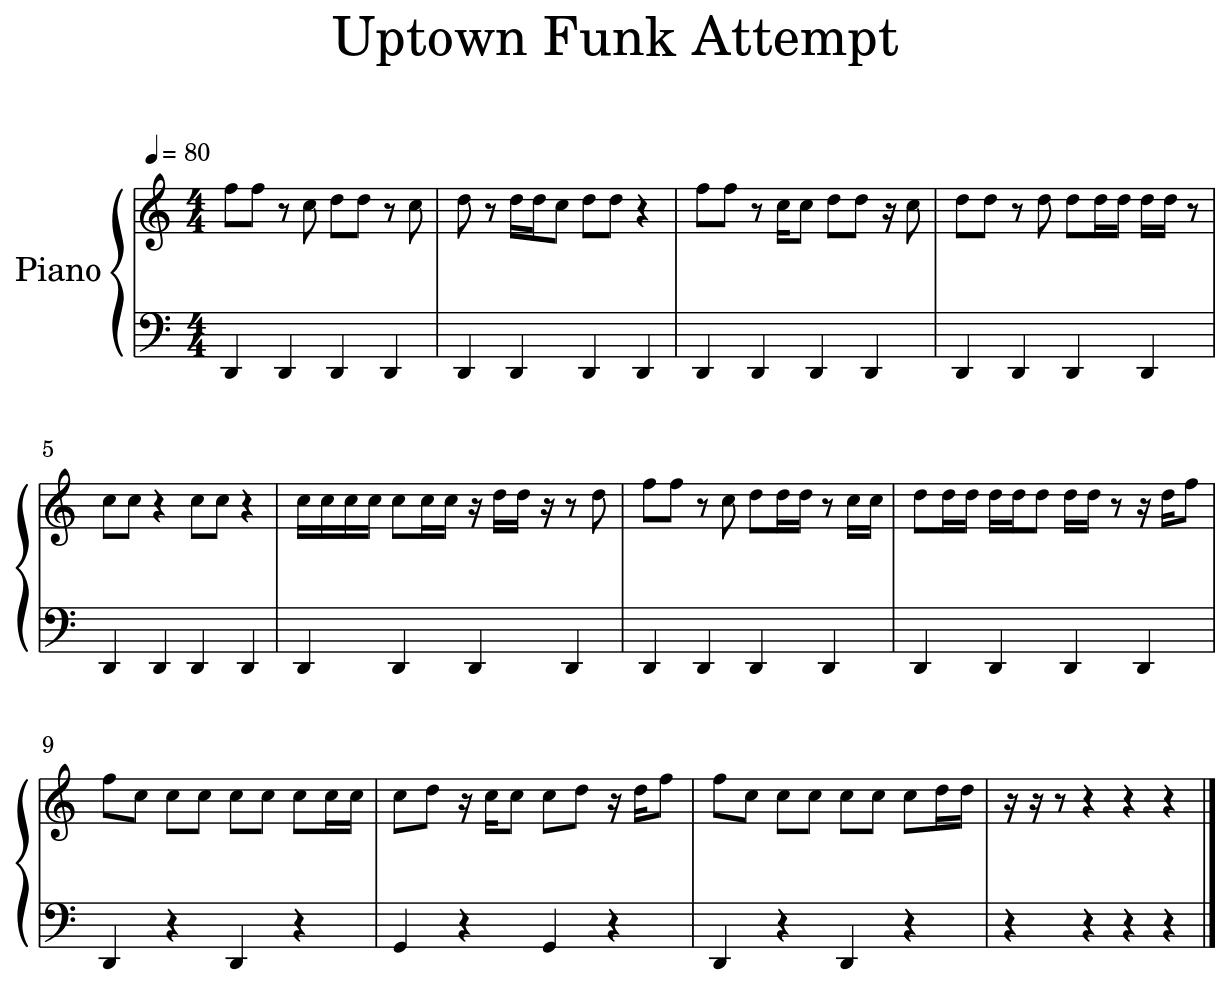 Uptown Funk Attempt Flat